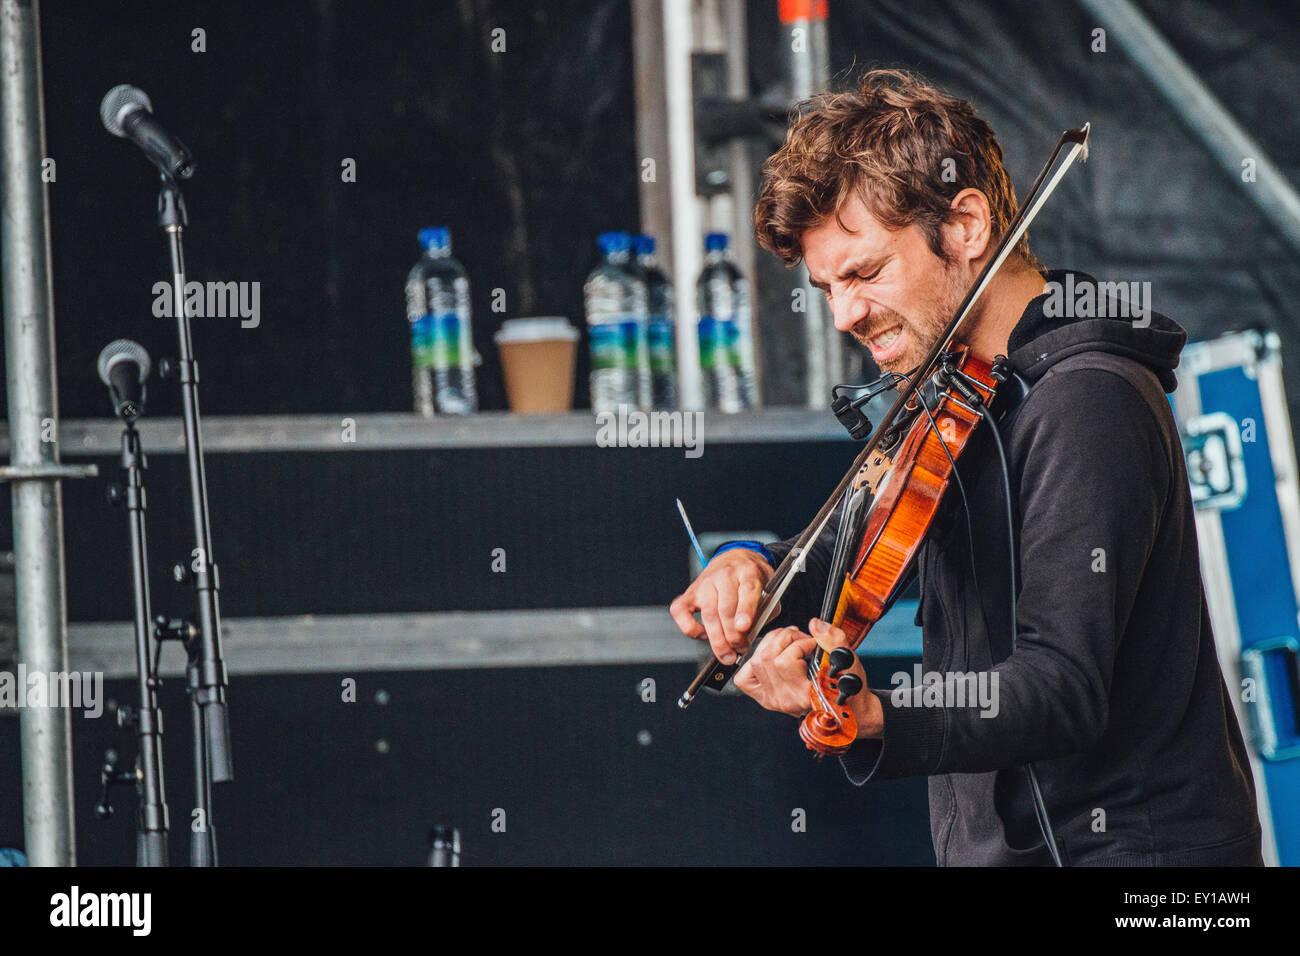 Gateshead, Reino Unido - 18 de julio de 2015 - Marty O'Reilly violinista realiza sobre el escenario al aire Imagen De Stock